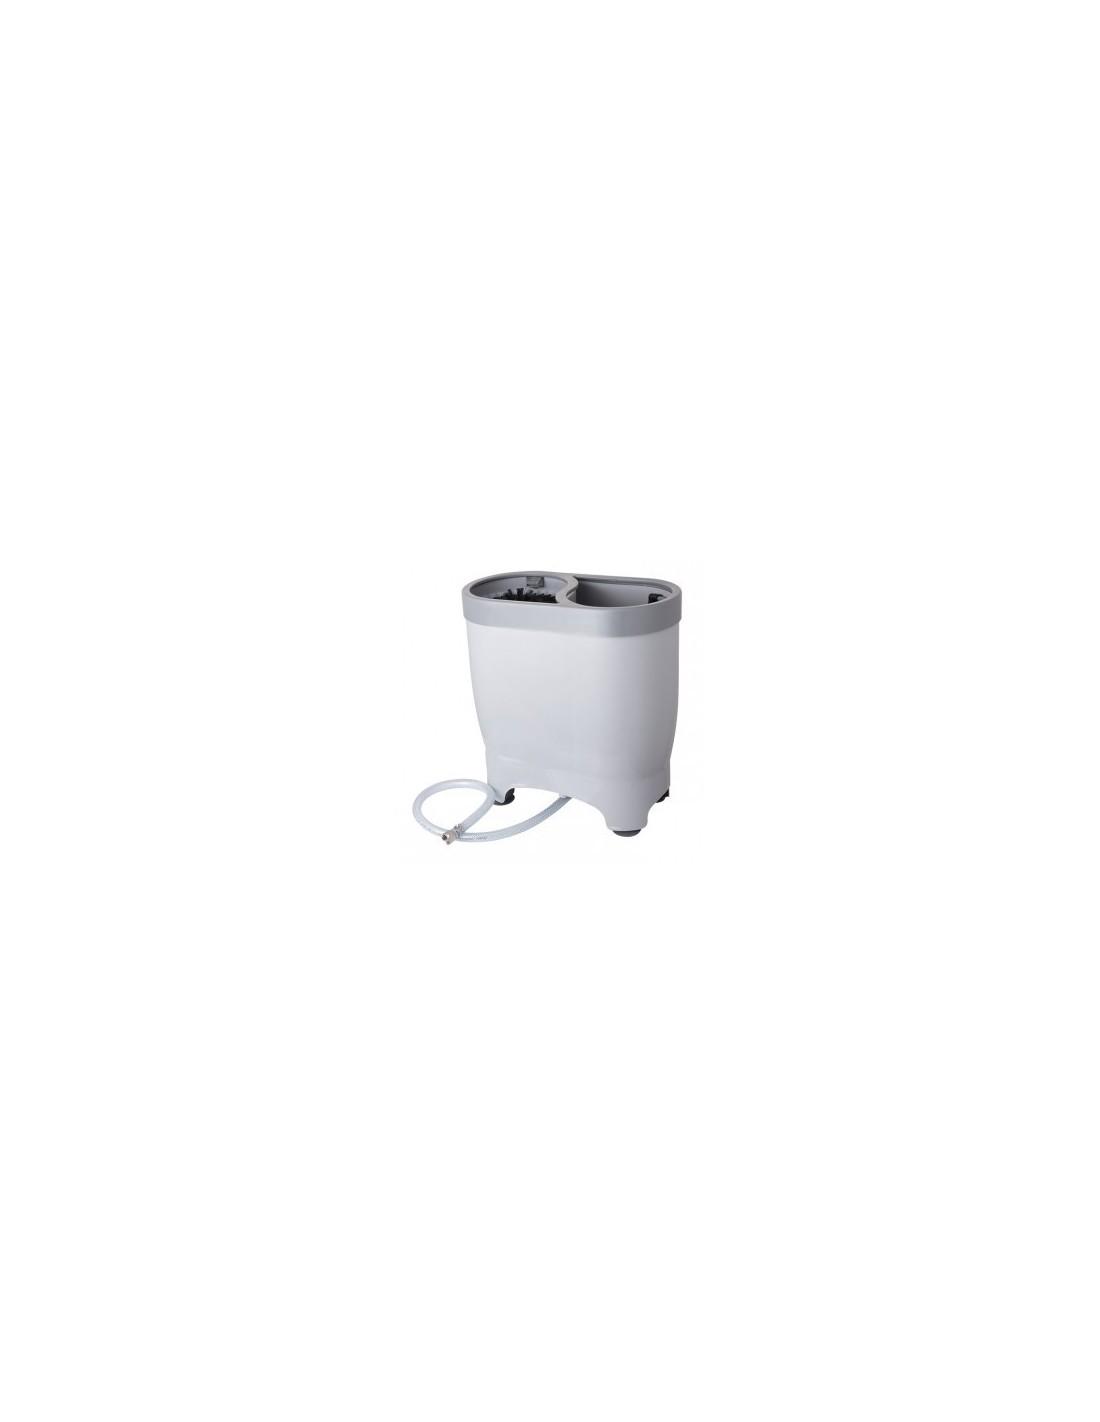 MYK02075 - Rengöring - Glastvätt Spacematic Plus